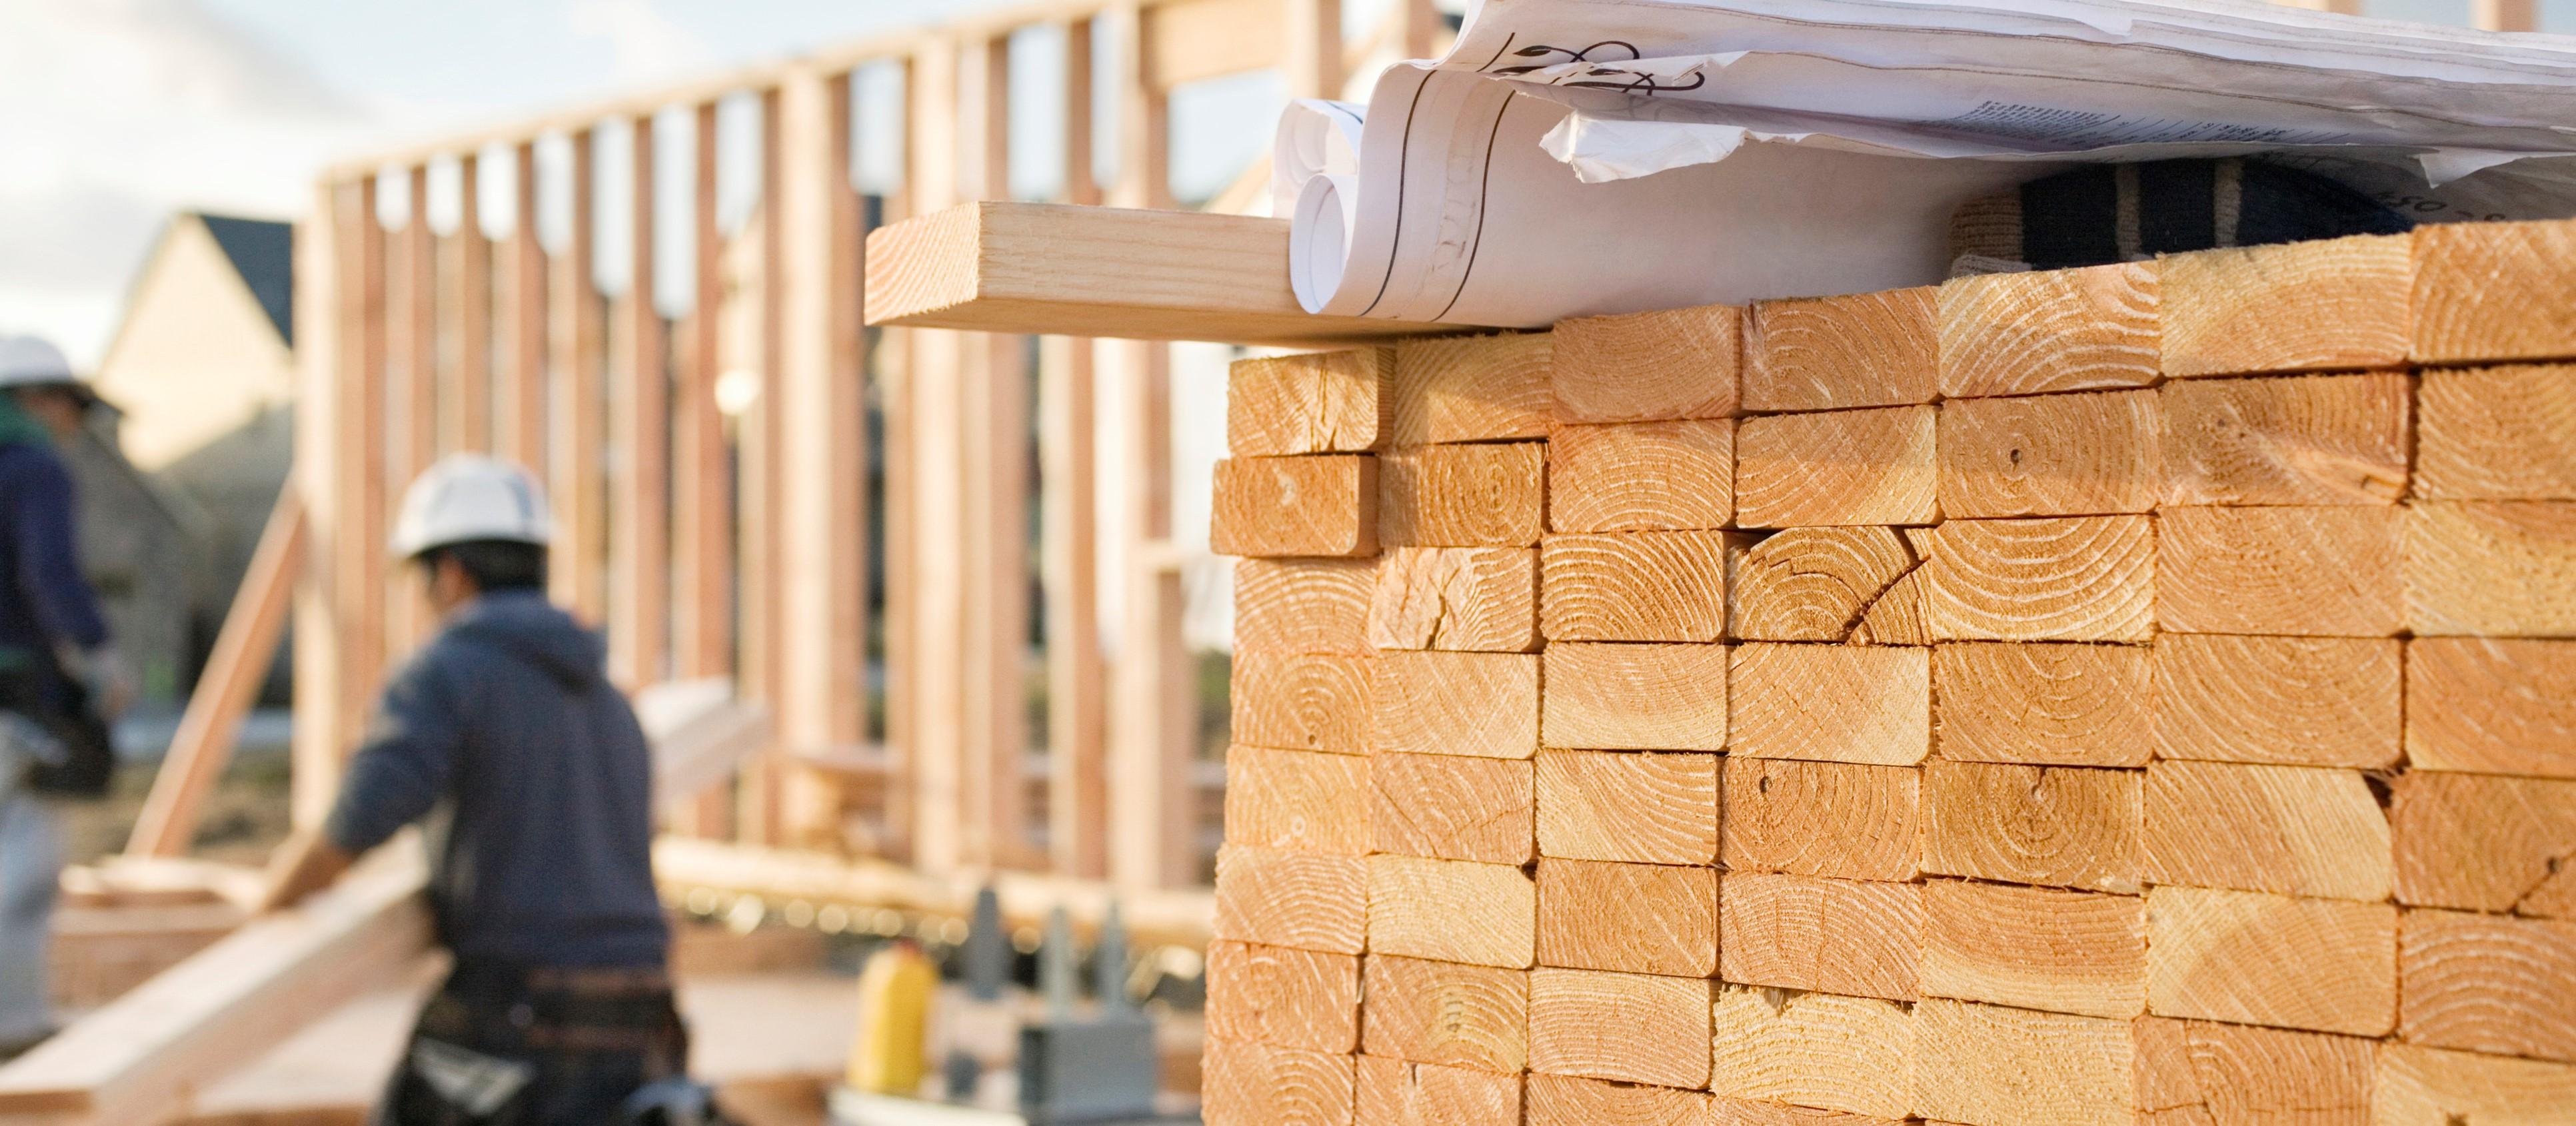 subcontractor surety risk